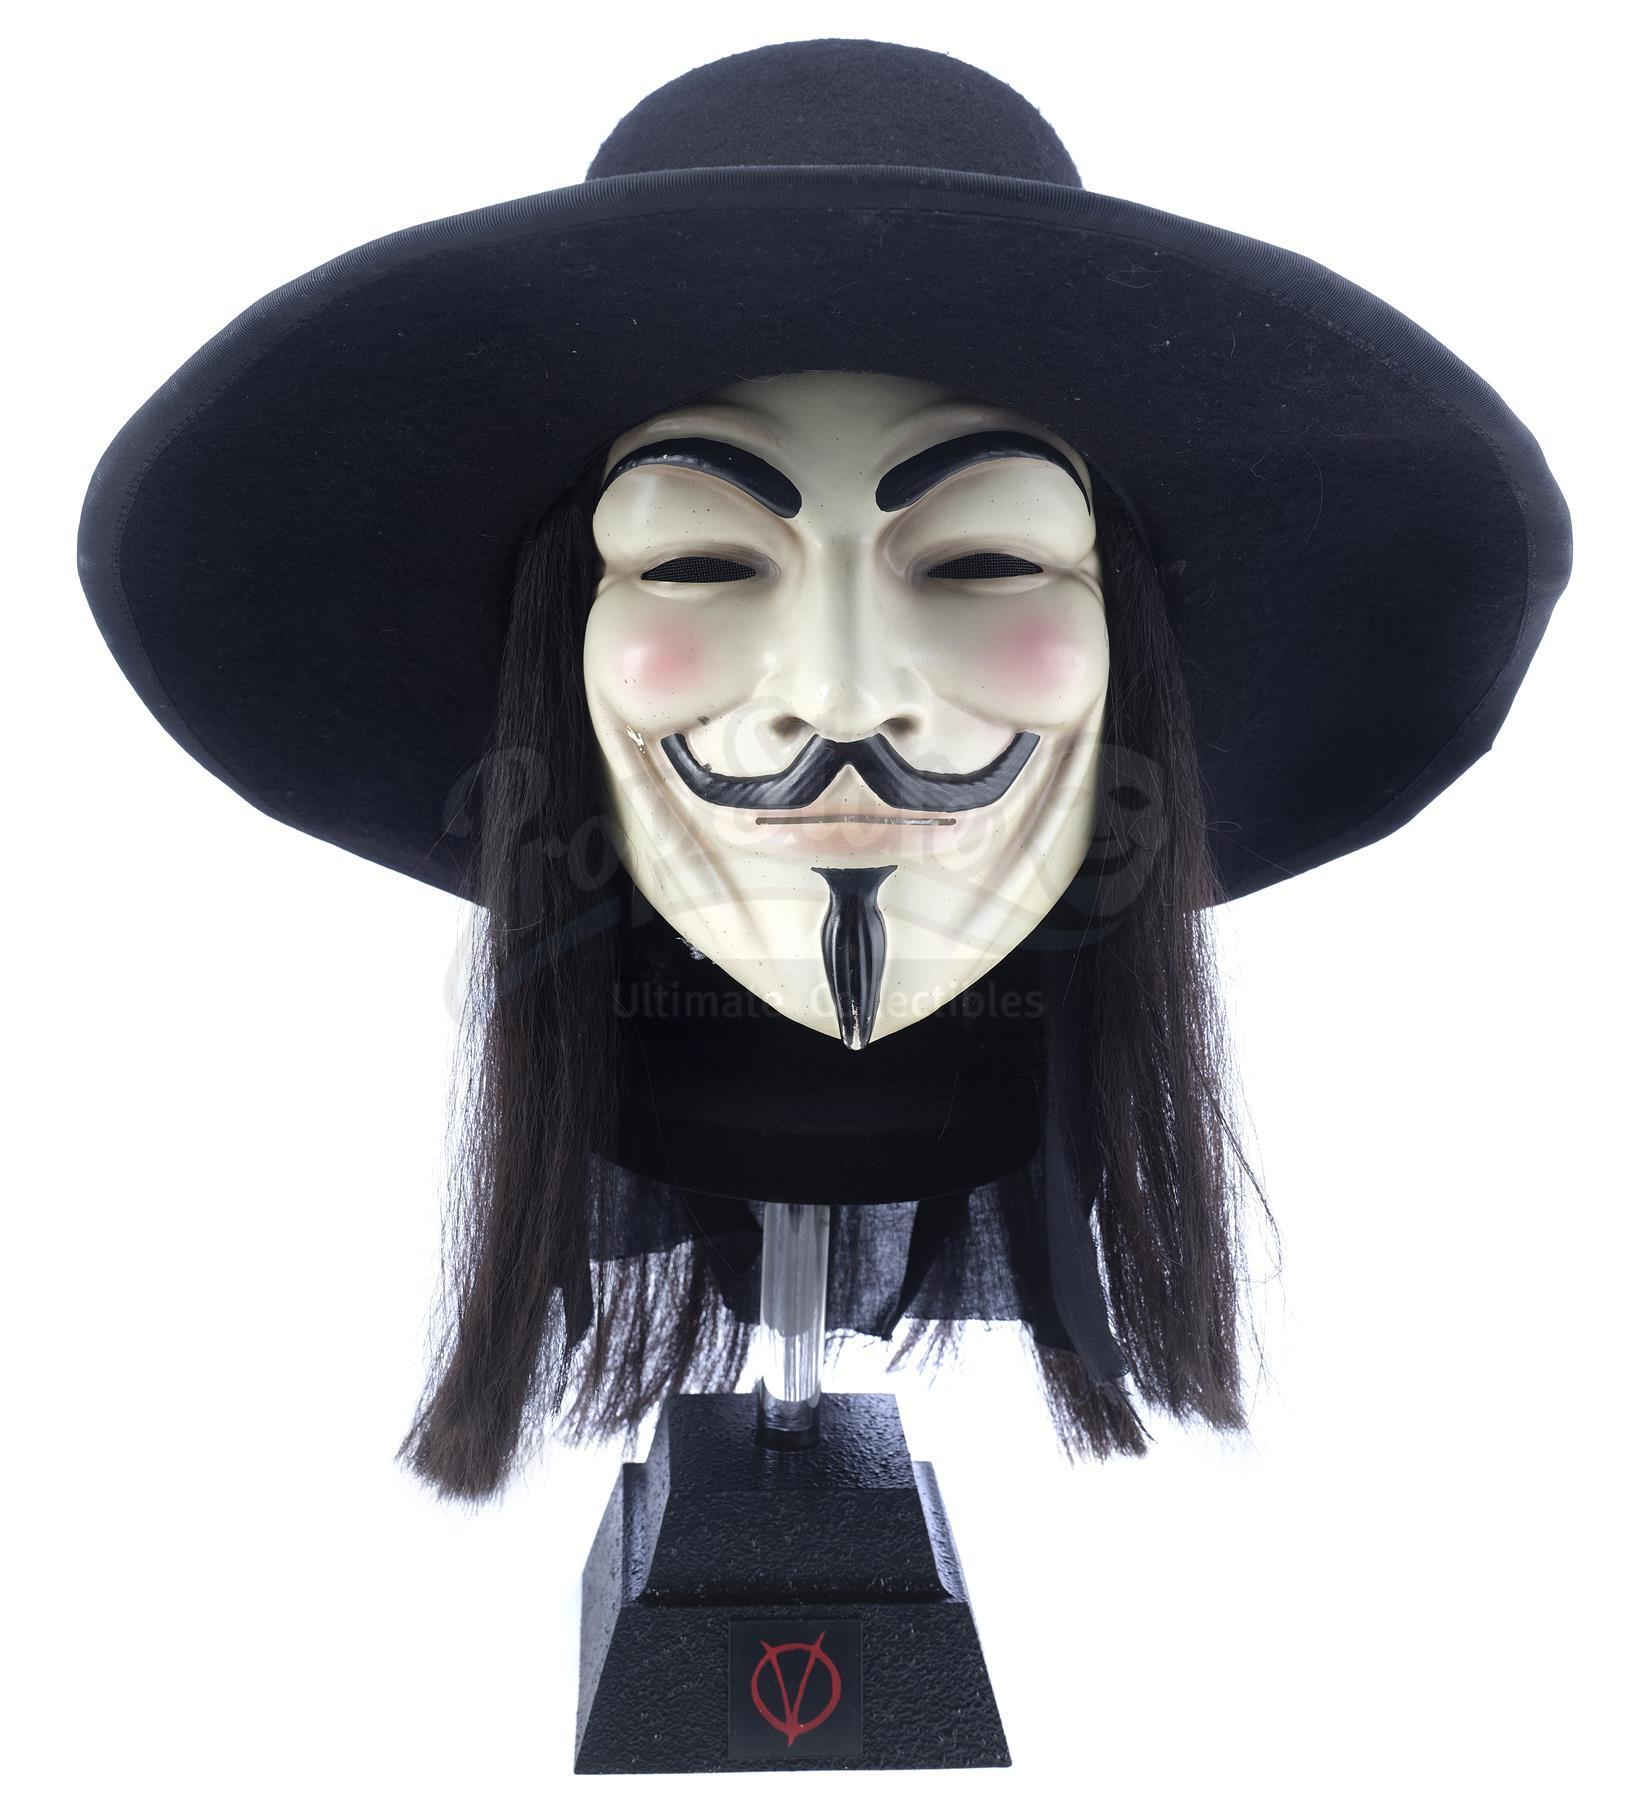 Lot # 403: V FOR VENDETTA - Crowd Member's V Mask, Hat, and Wig